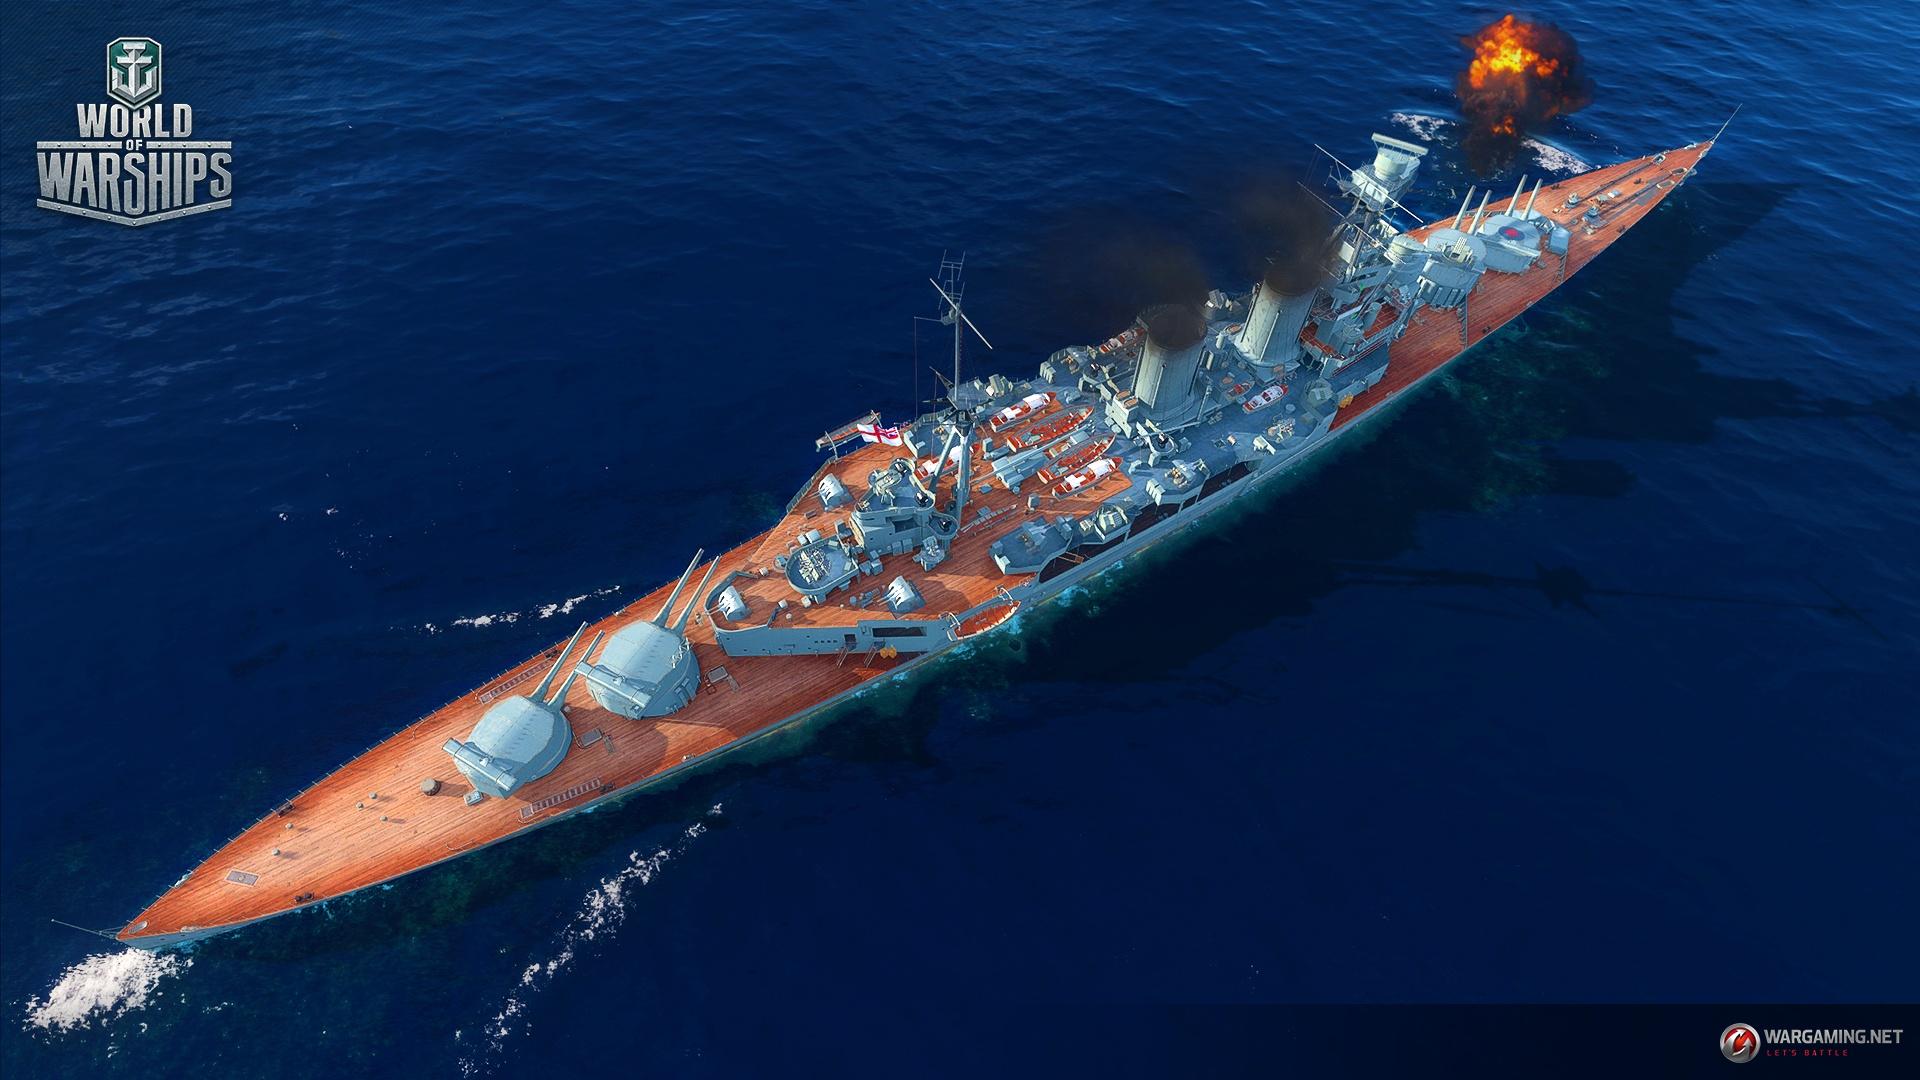 World of warships release date in Australia